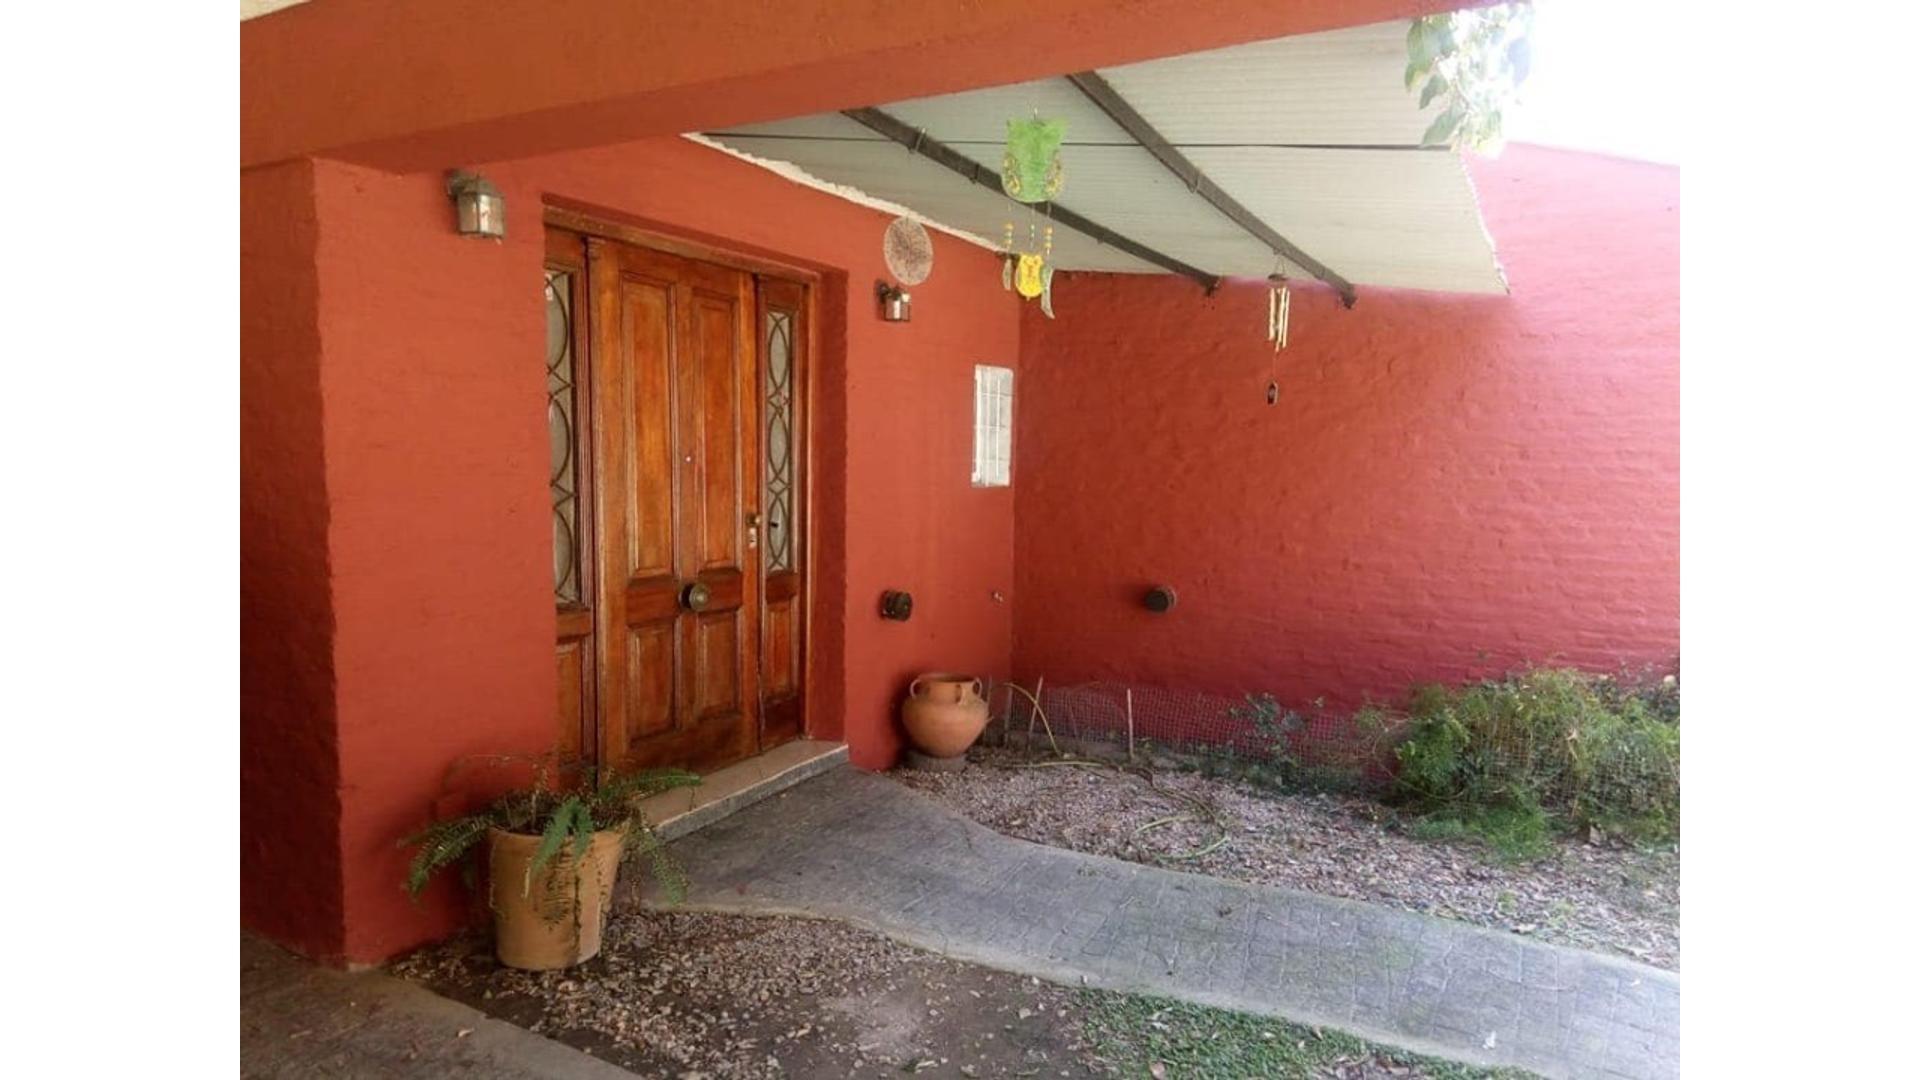 Calle: La Galopa, El Remanso 100 - $ 22.000 - Quinta Alquiler